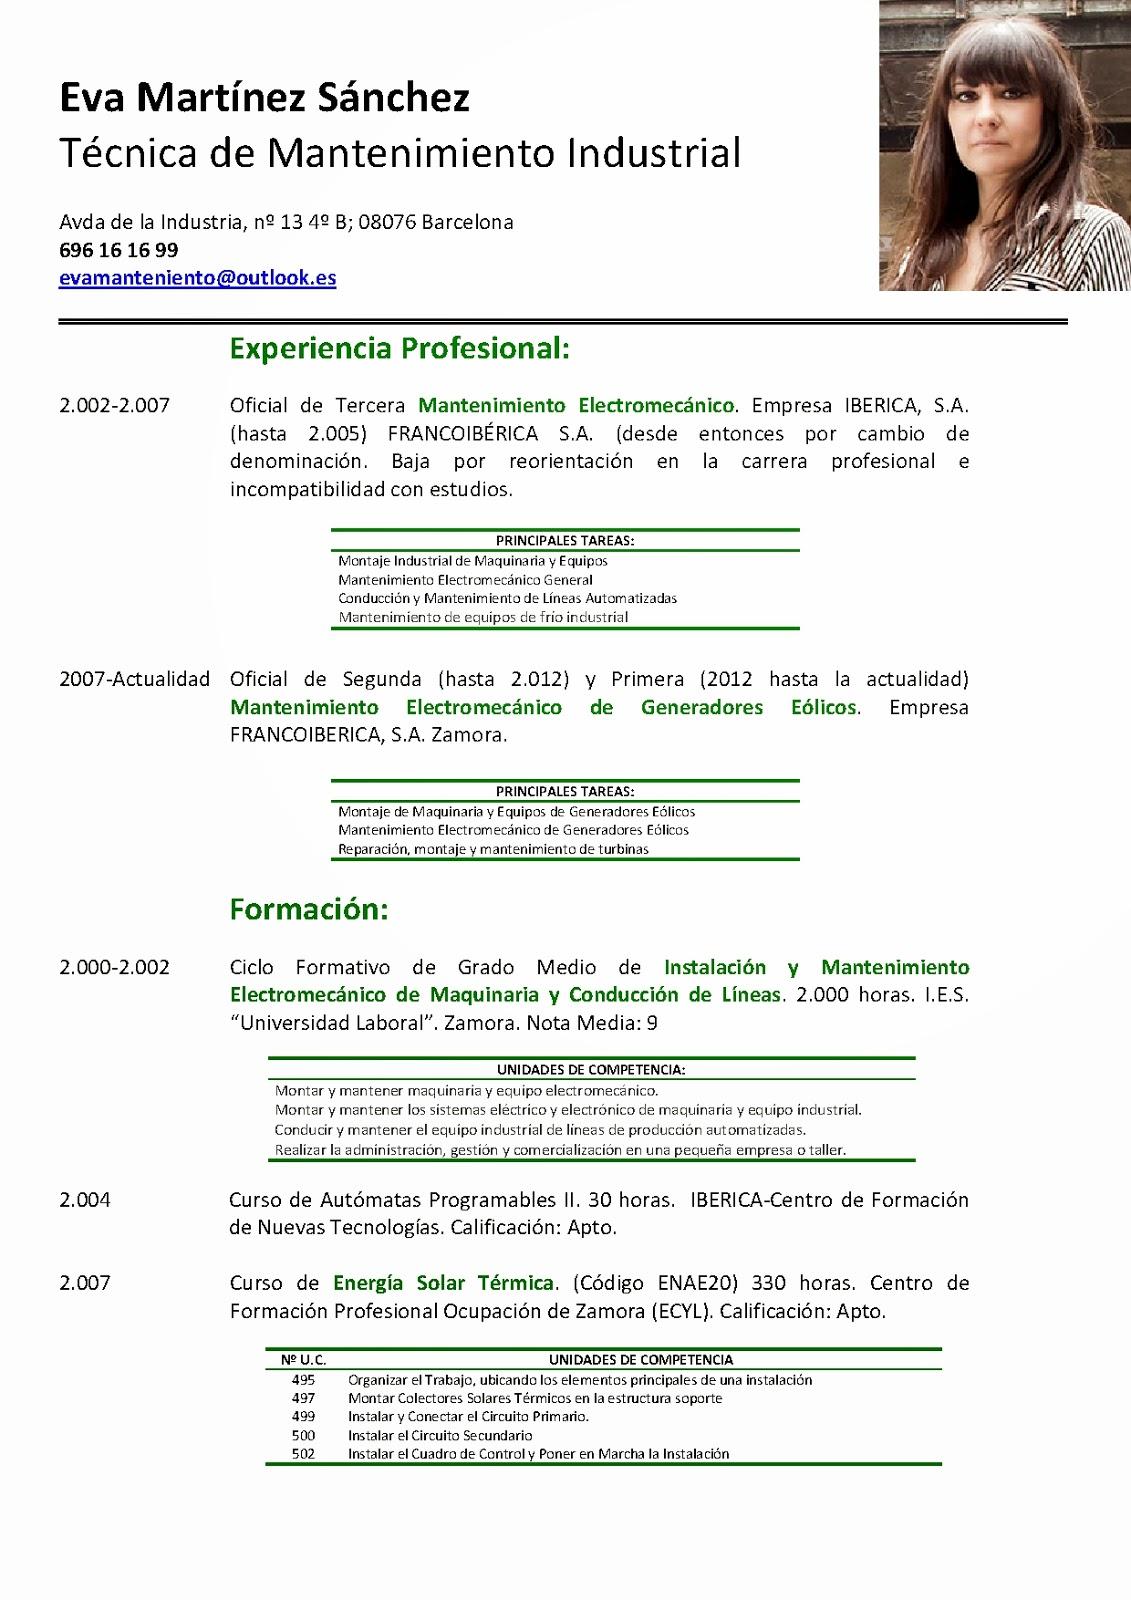 Curriculum vitae basado en el modelo de competencias personales